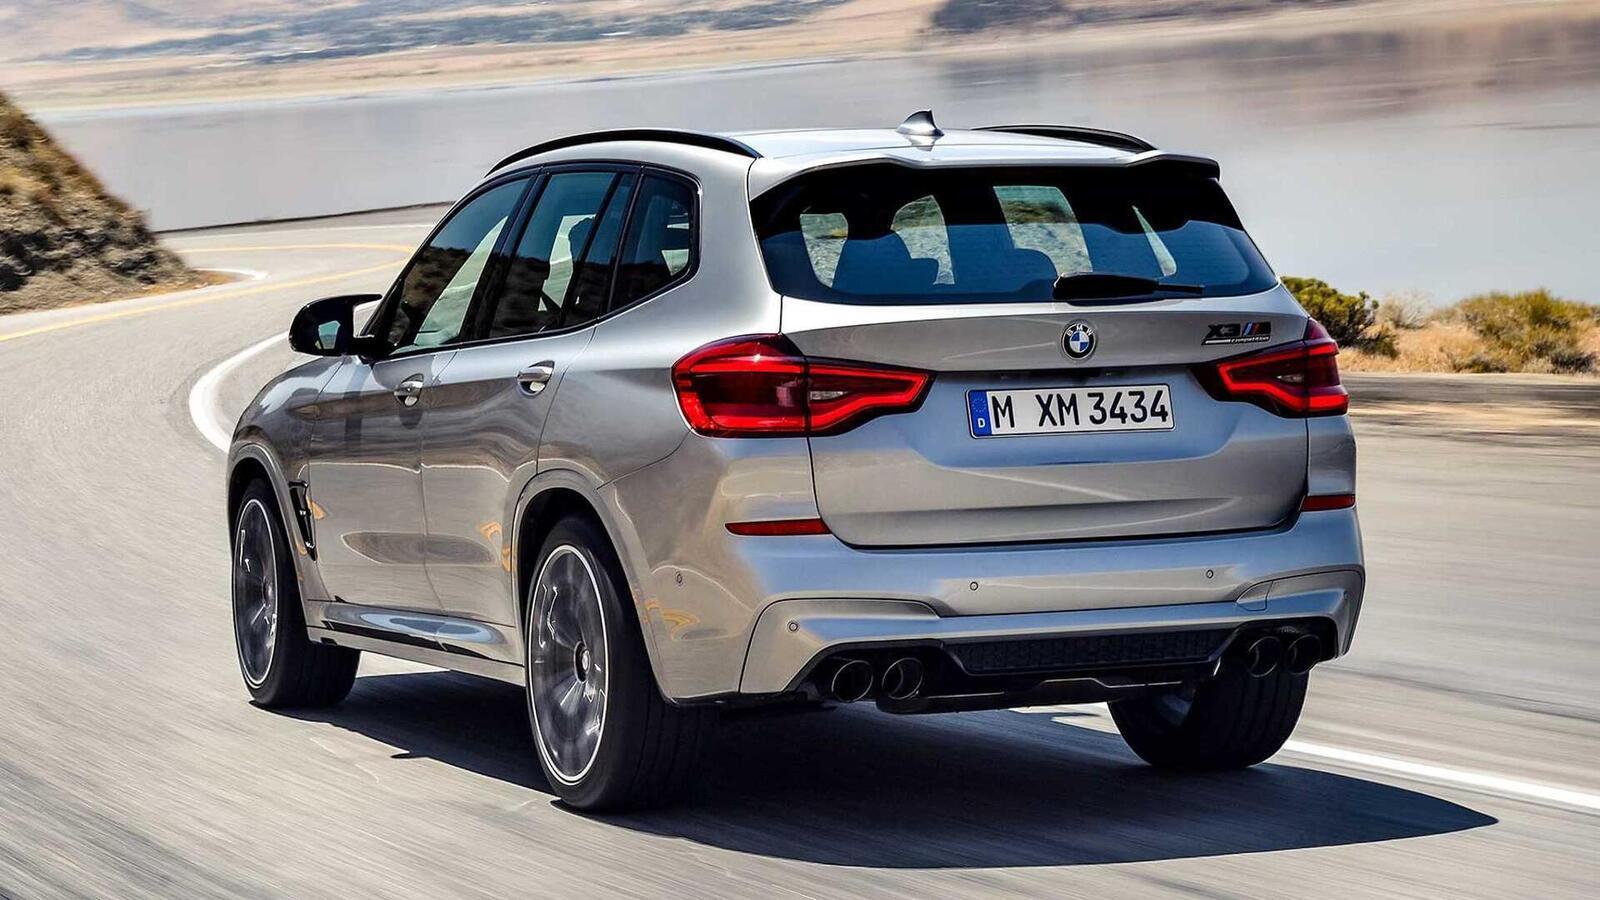 BMW X3 M và X4 M 2020 chính thức ra mắt: Mang trong mình sức mạnh từ 473 - 503 mã lực - Hình 4